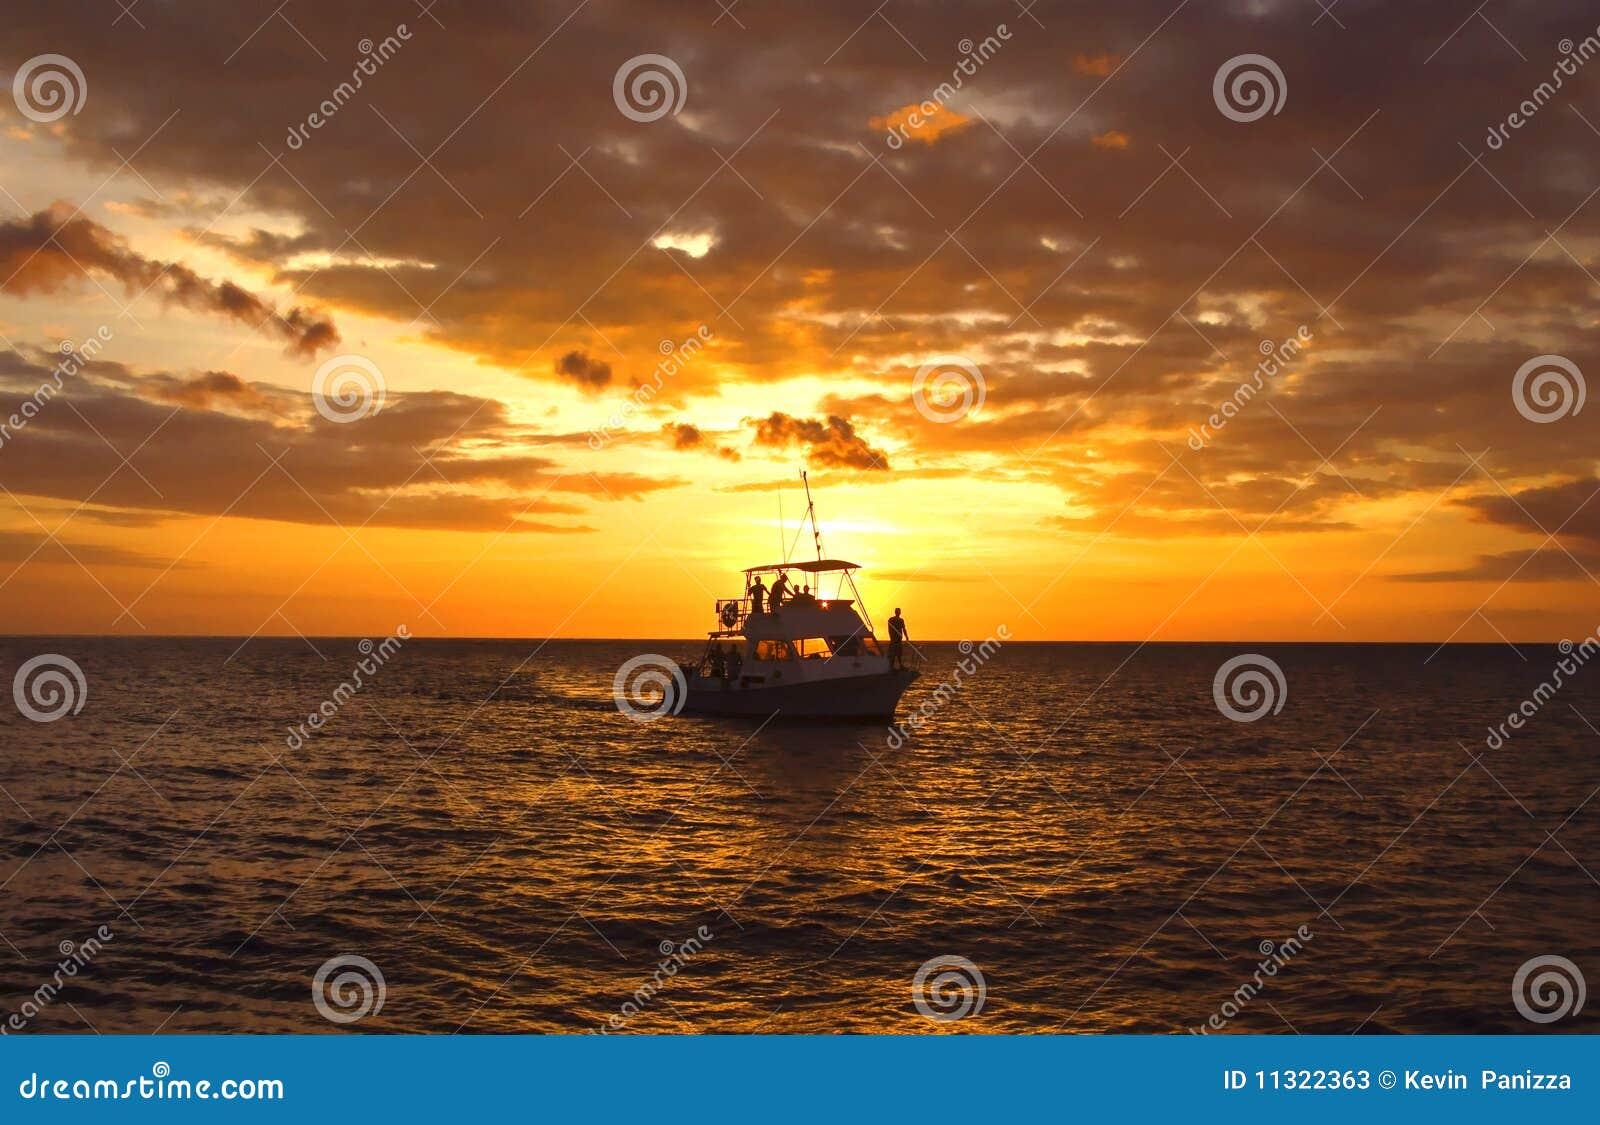 Hawaiisches Sturzflug-Boot am Sonnenuntergang